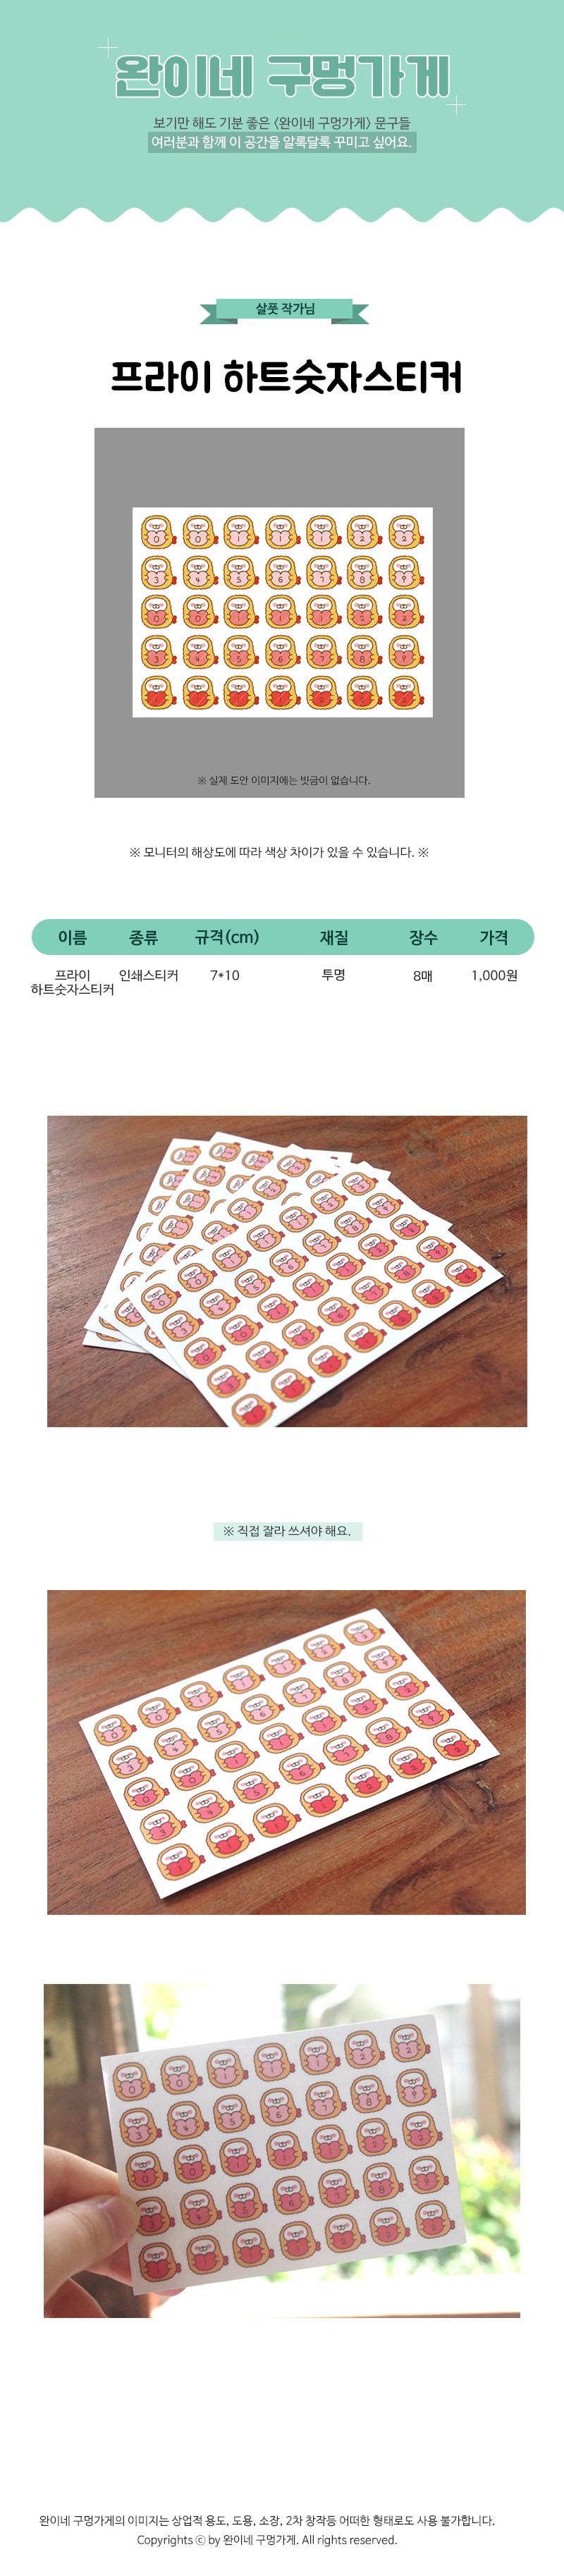 sticker459